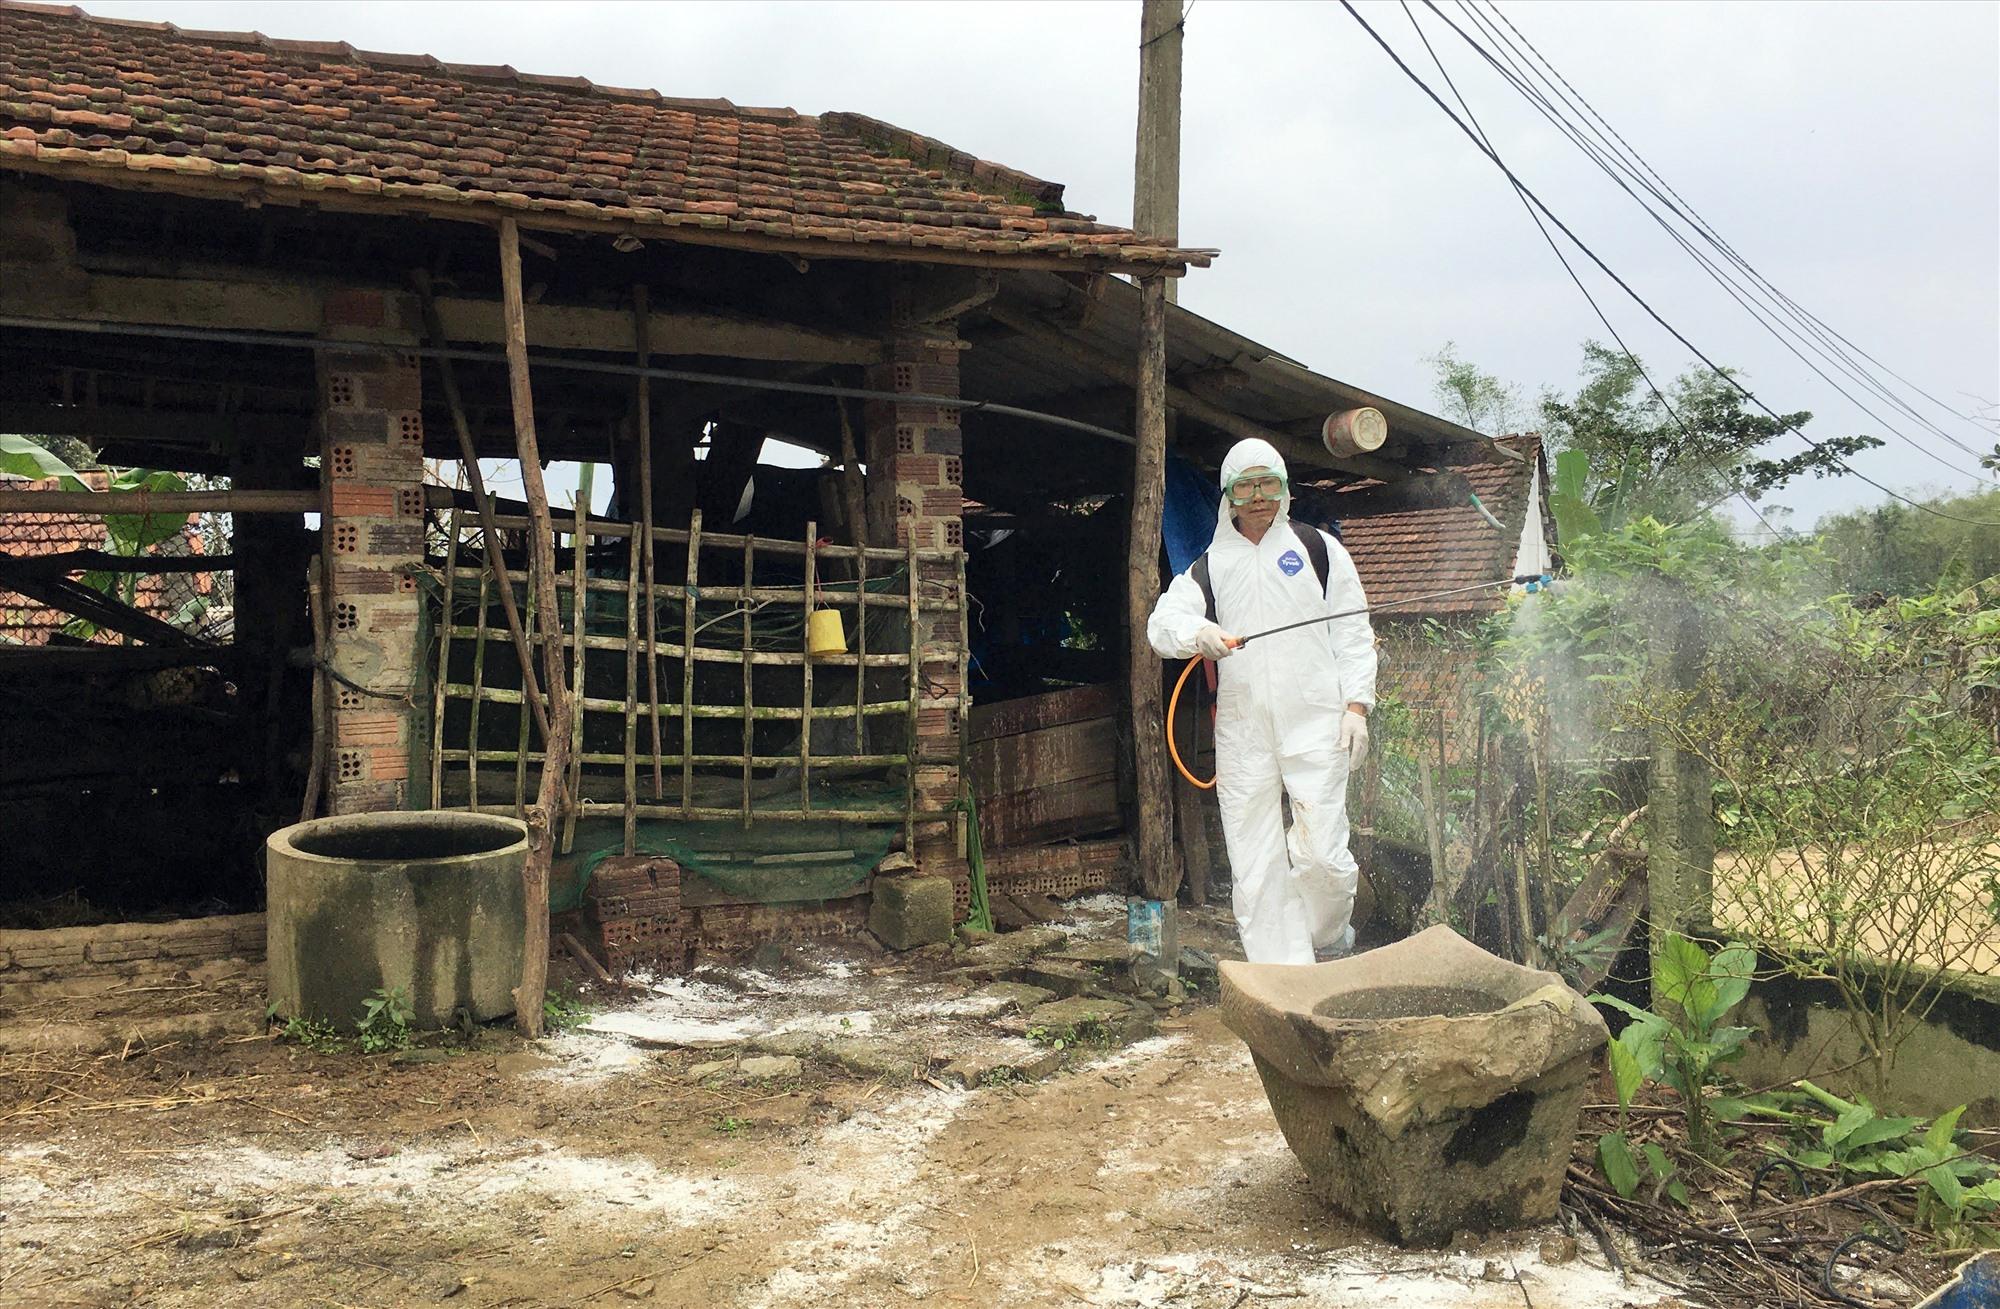 Lực lượng chức năng huyện Phú Ninh phun tiêu độc khử trùng phòng chống dịch bệnh trên đàn gia súc, gia cầm. Ảnh: HẢI CHÂU